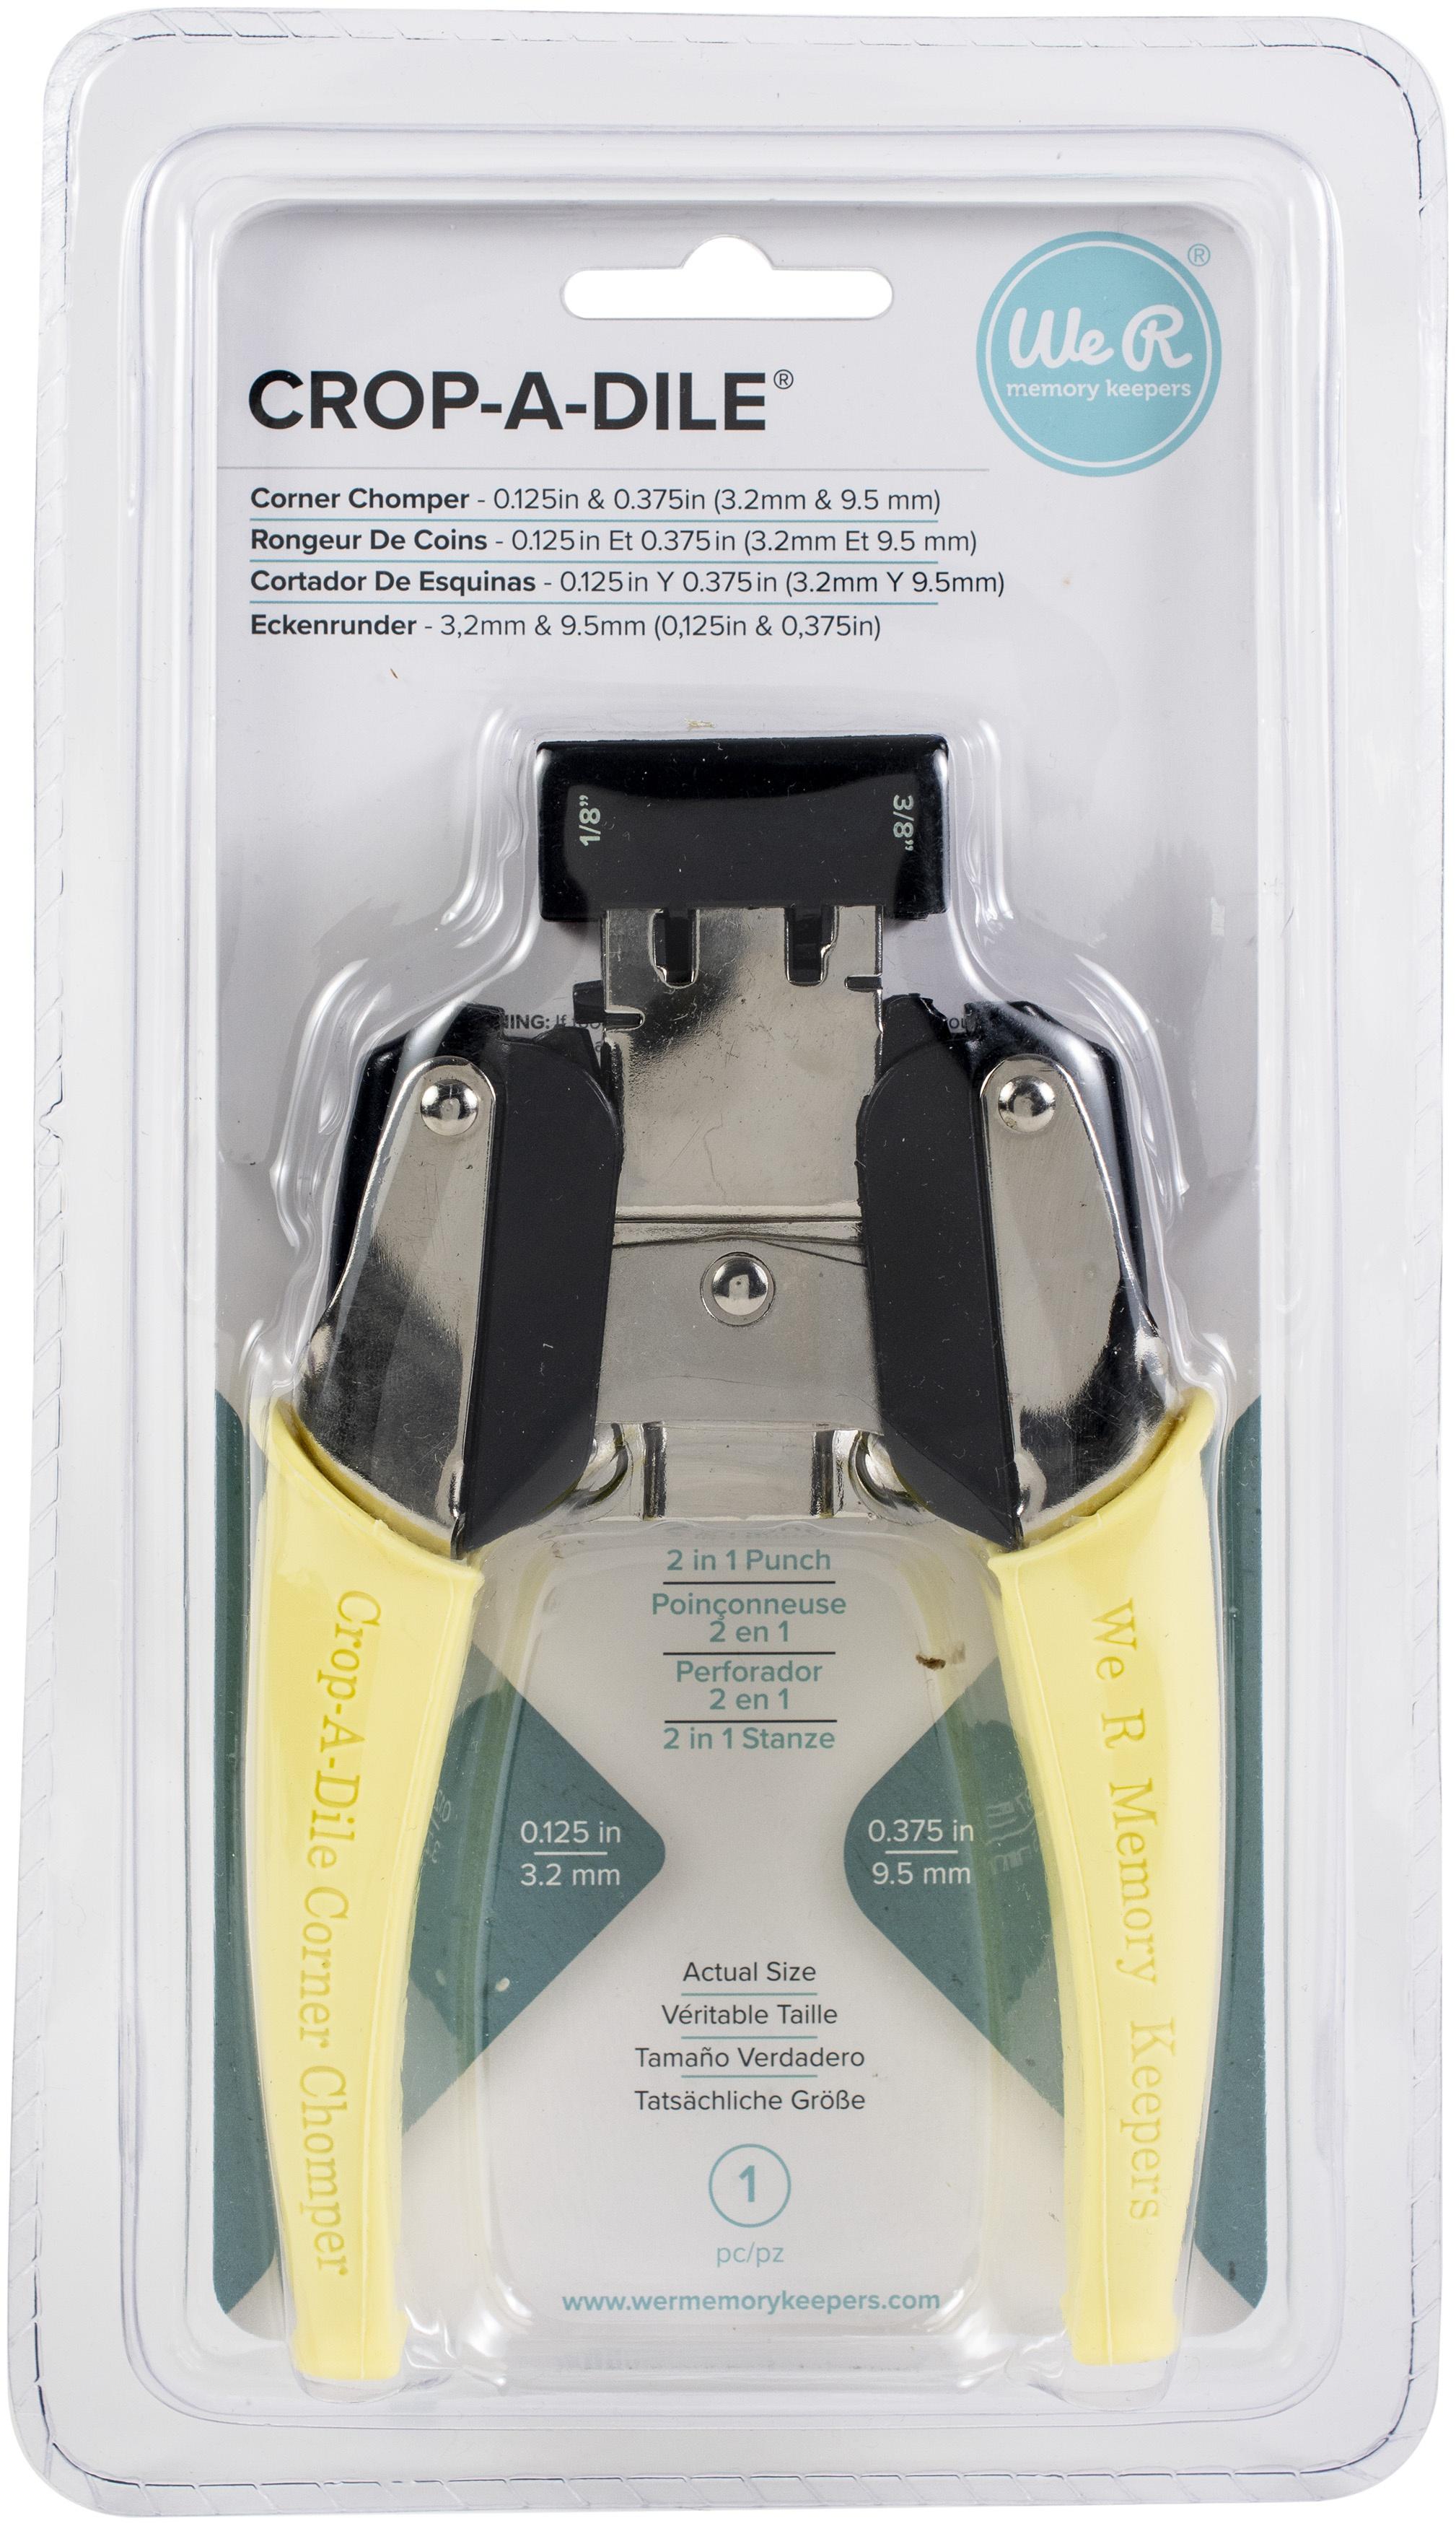 Crop-A-Dile Retro Corner Chomper Tool-0.125 & 0.375